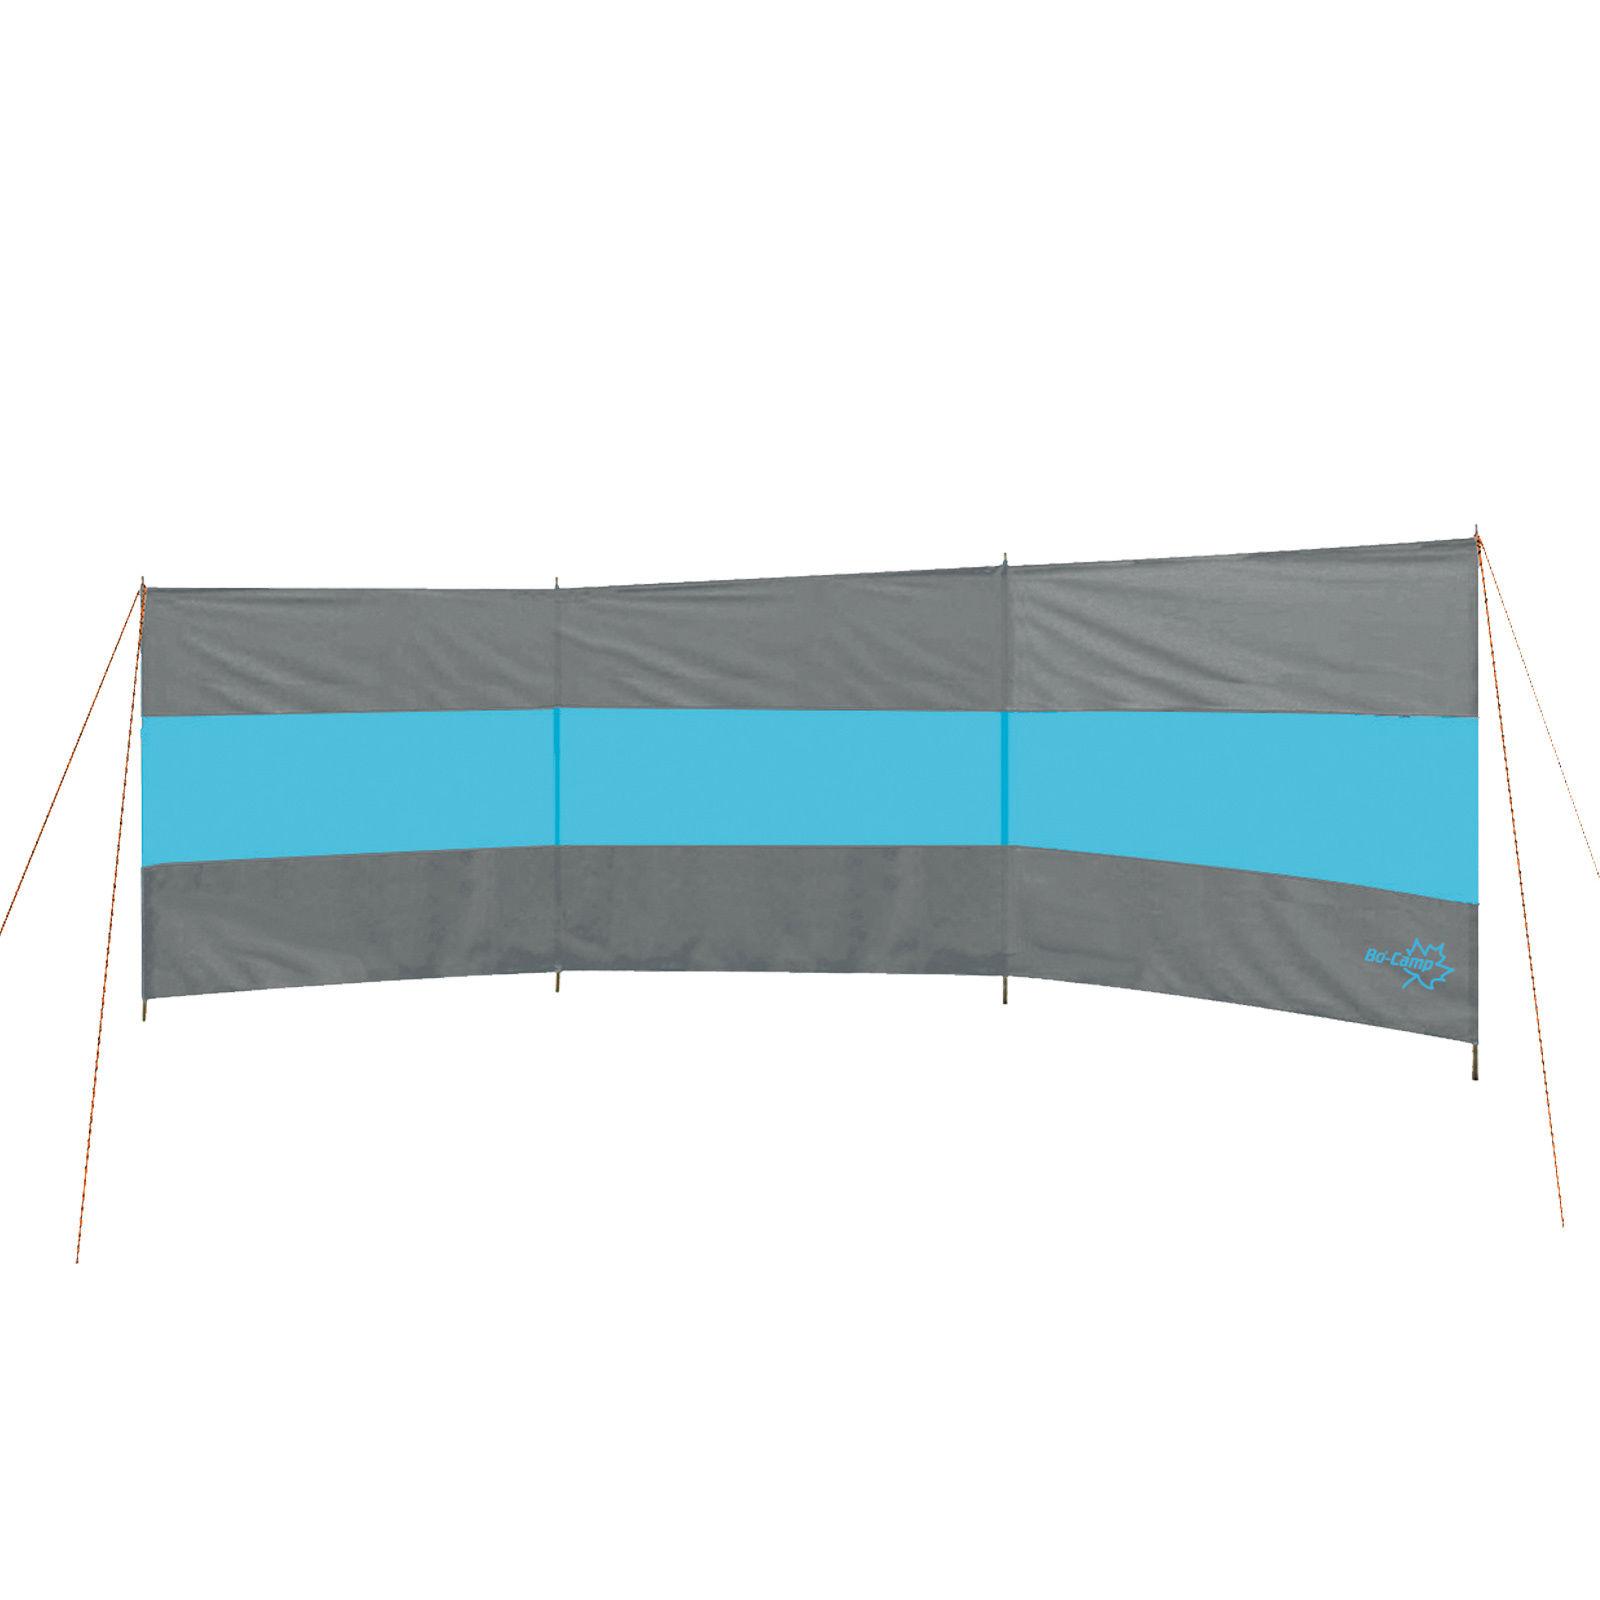 Strand Zelt Garten Zaun Sichtschutz Gross 500x140 Bo Camp Camping